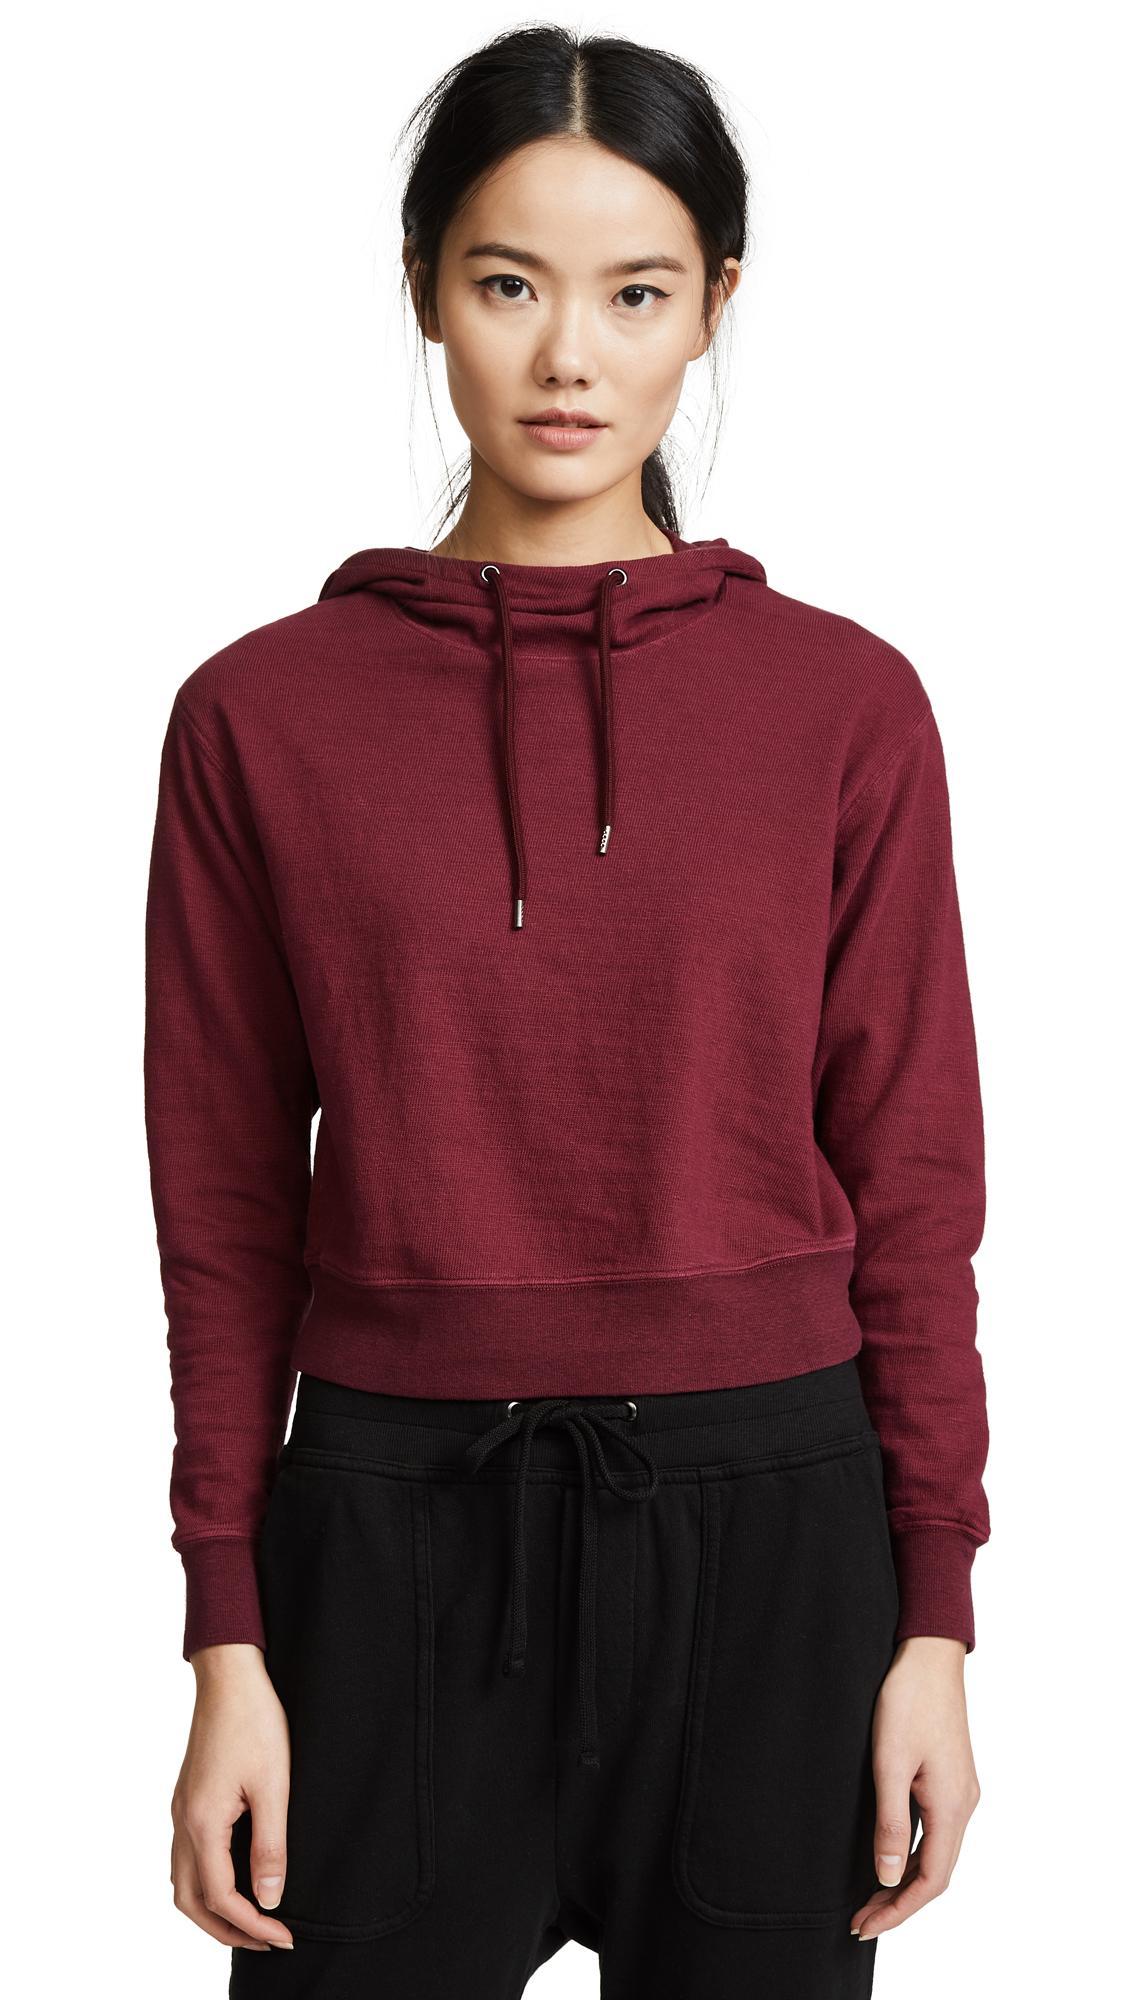 James Perse Shrunken Hoodie Sweatshirt In Bitter Red